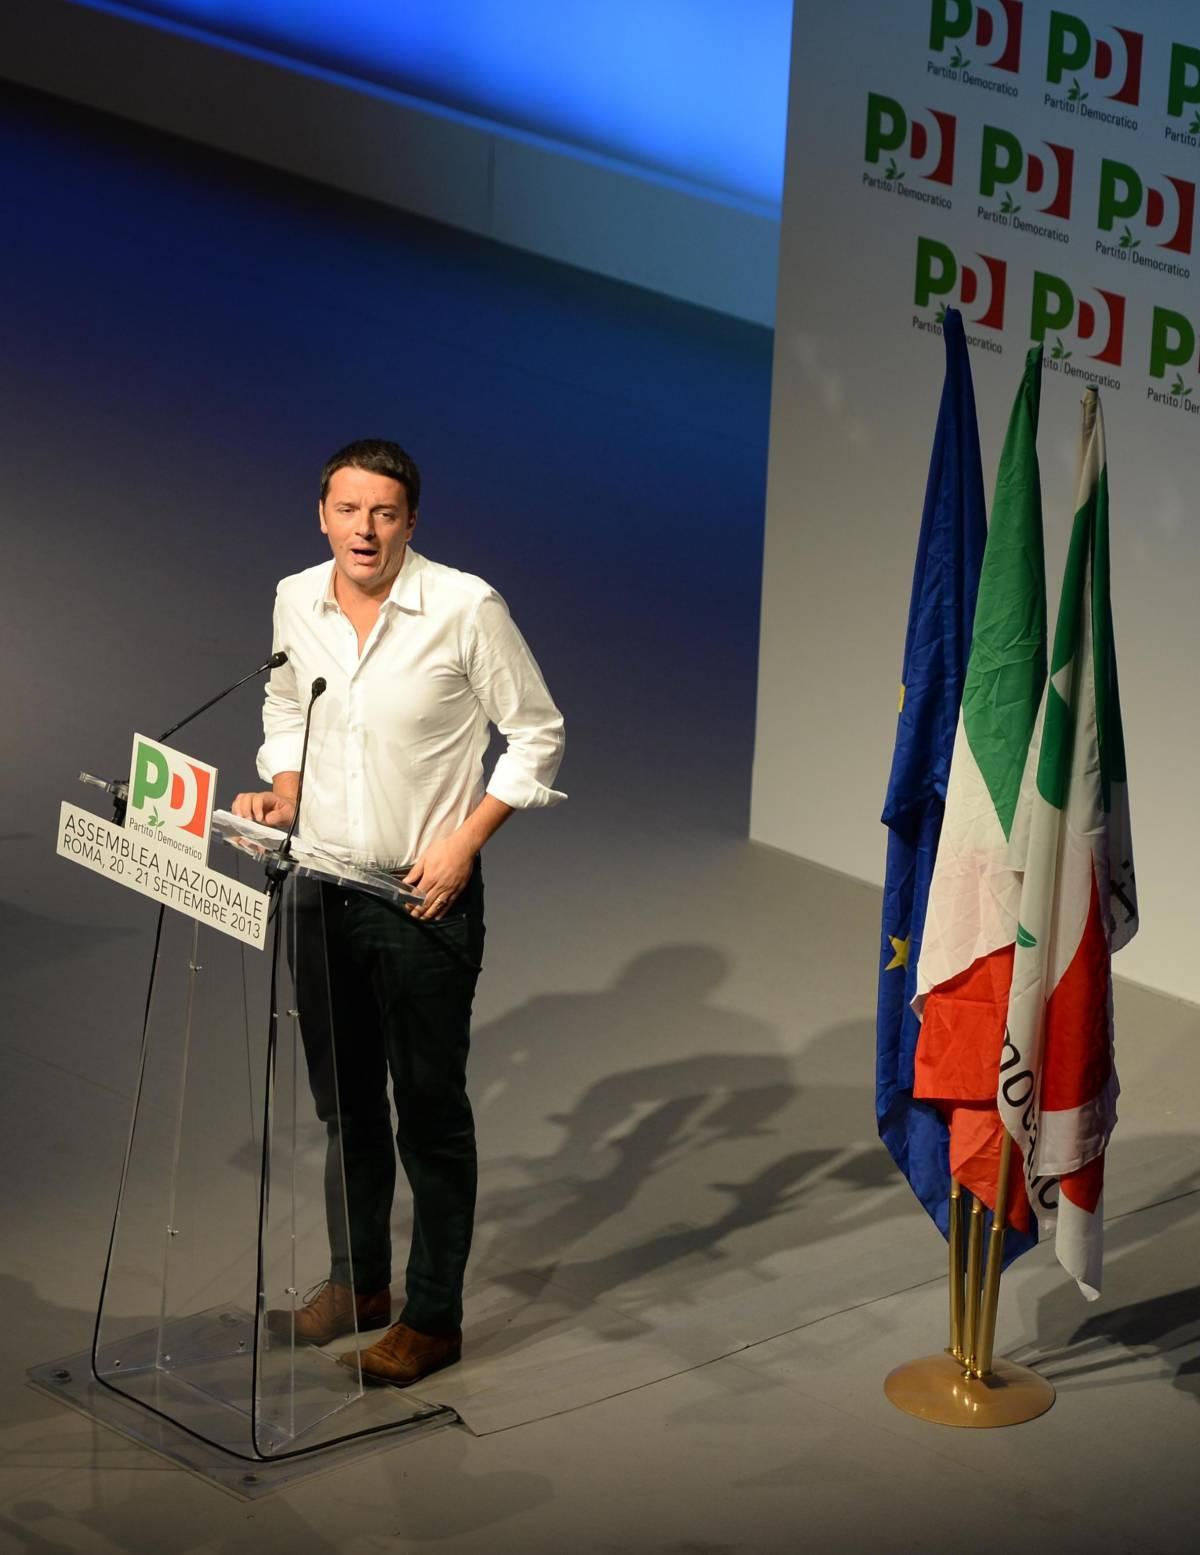 Assemblea nazionale Pd, bordata di Renzi a Letta